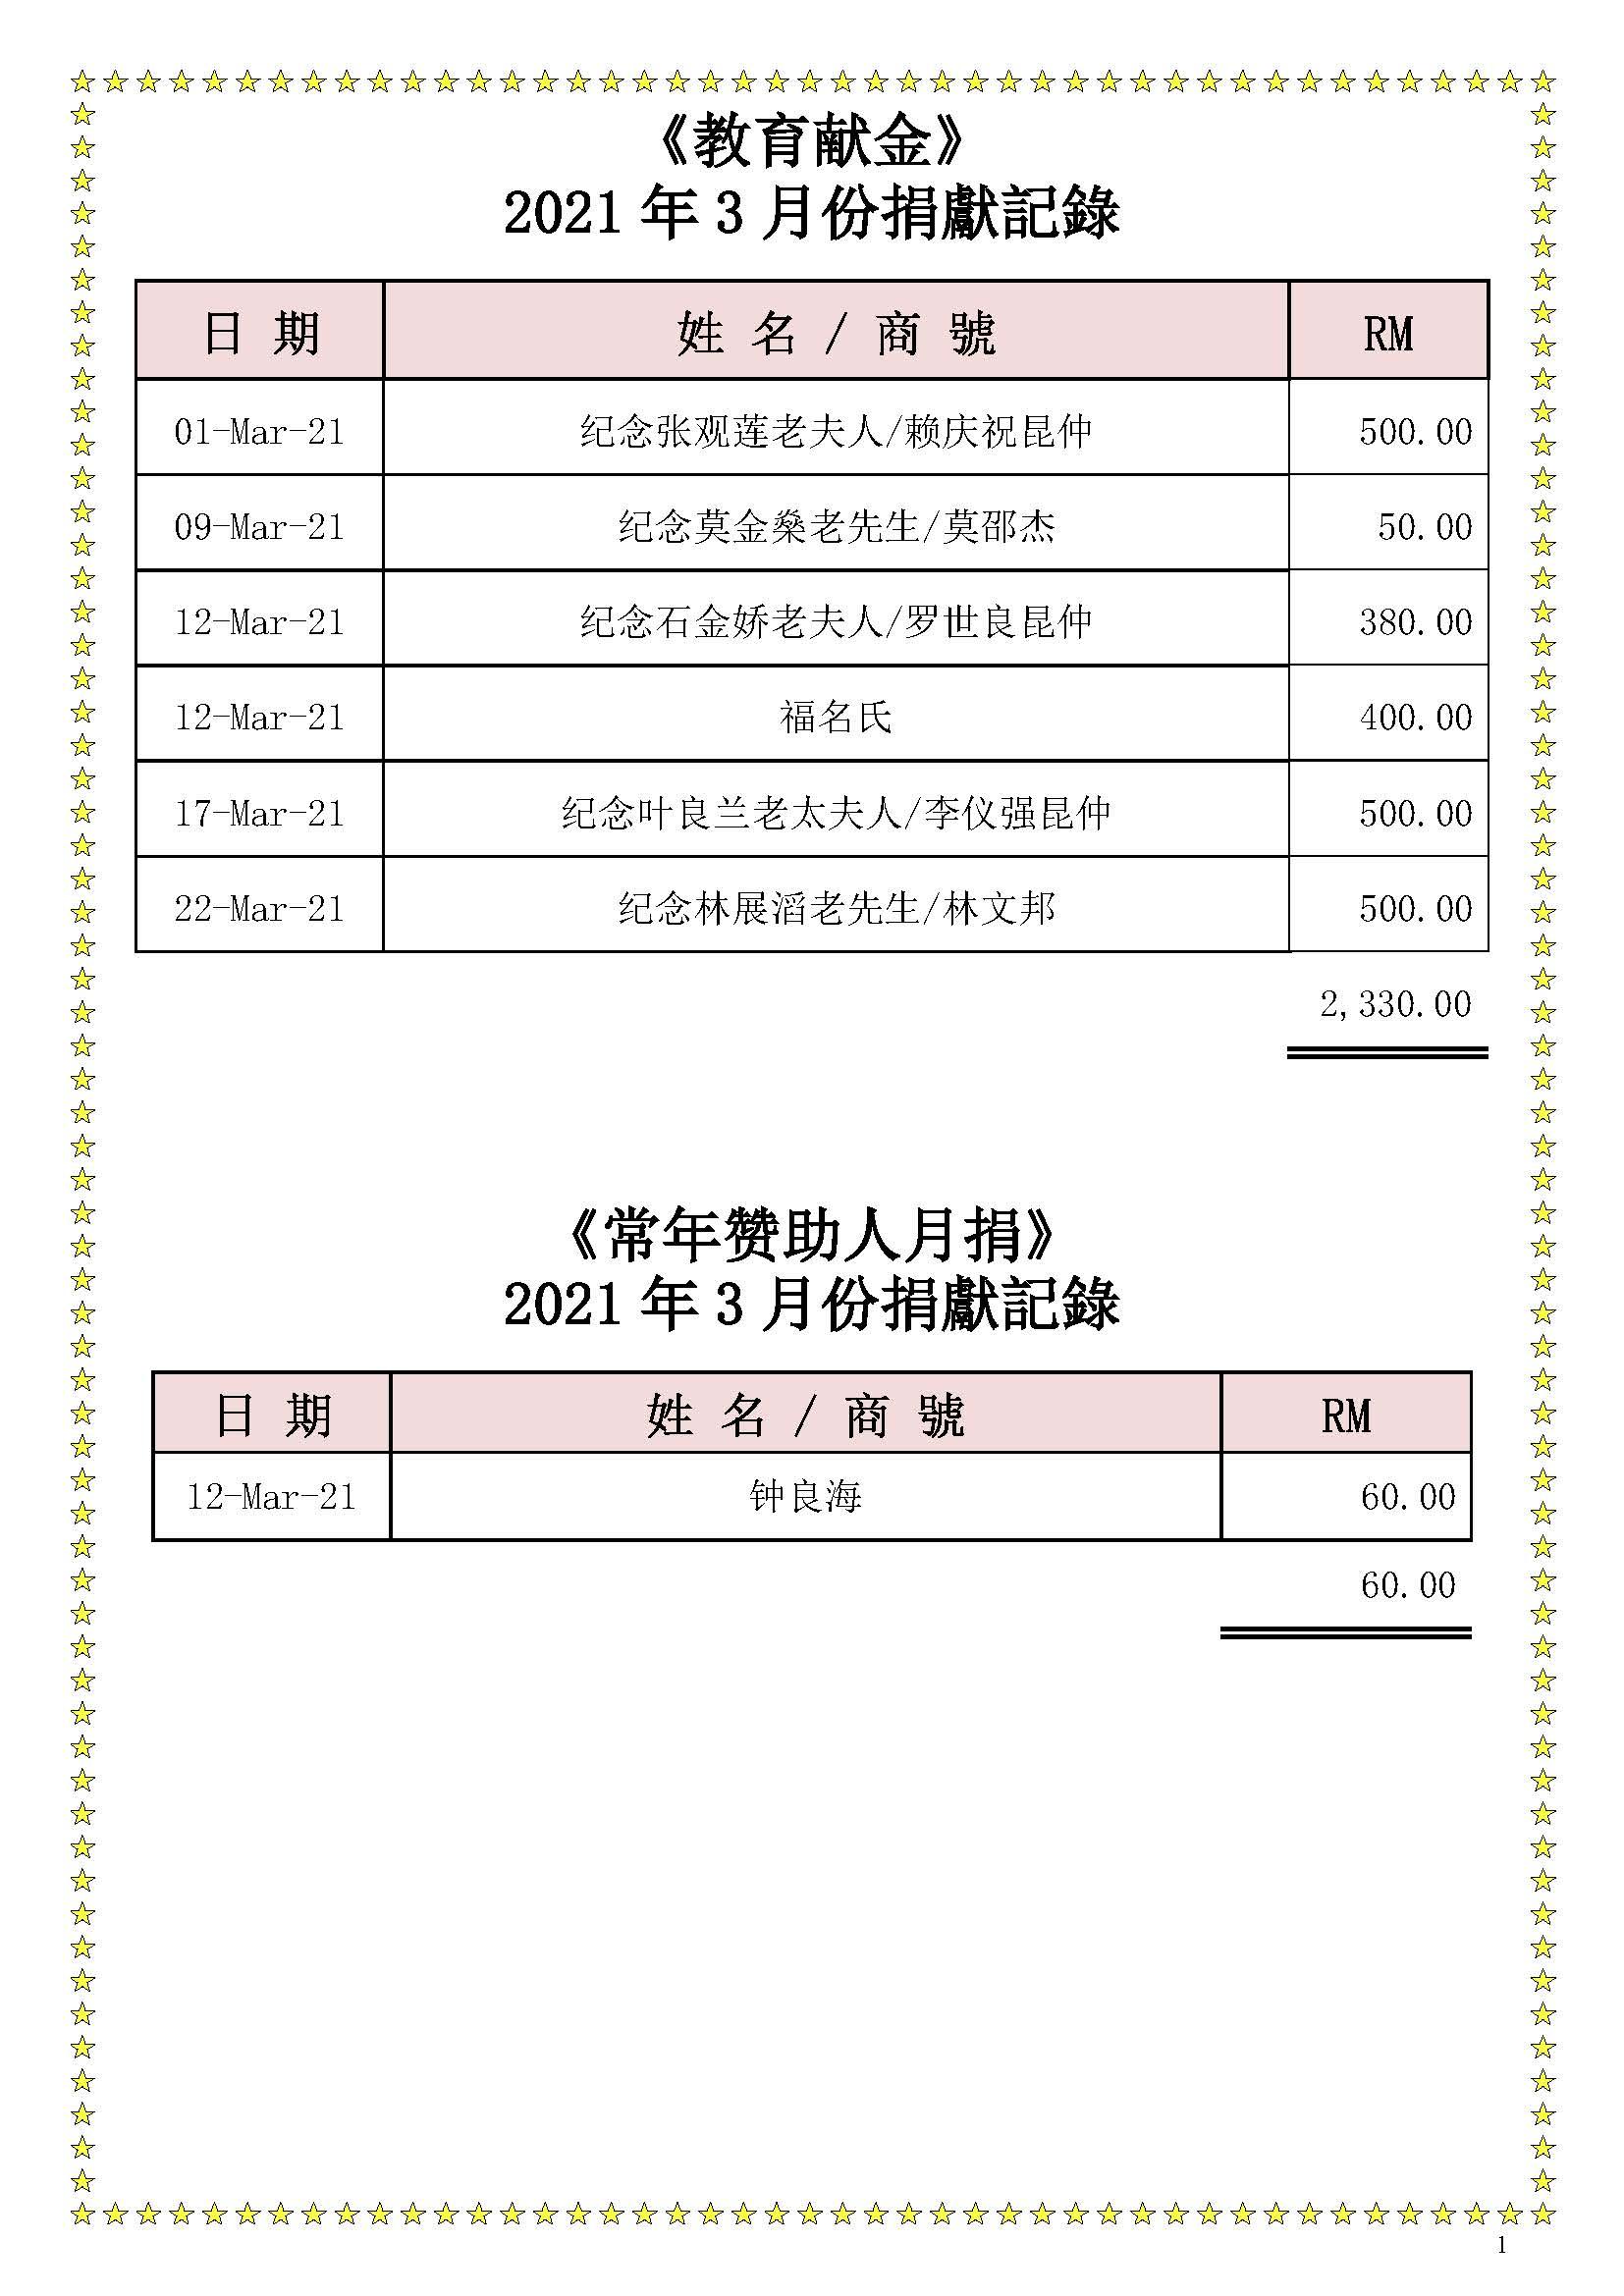 3月份捐献记录_修改后_Page_1